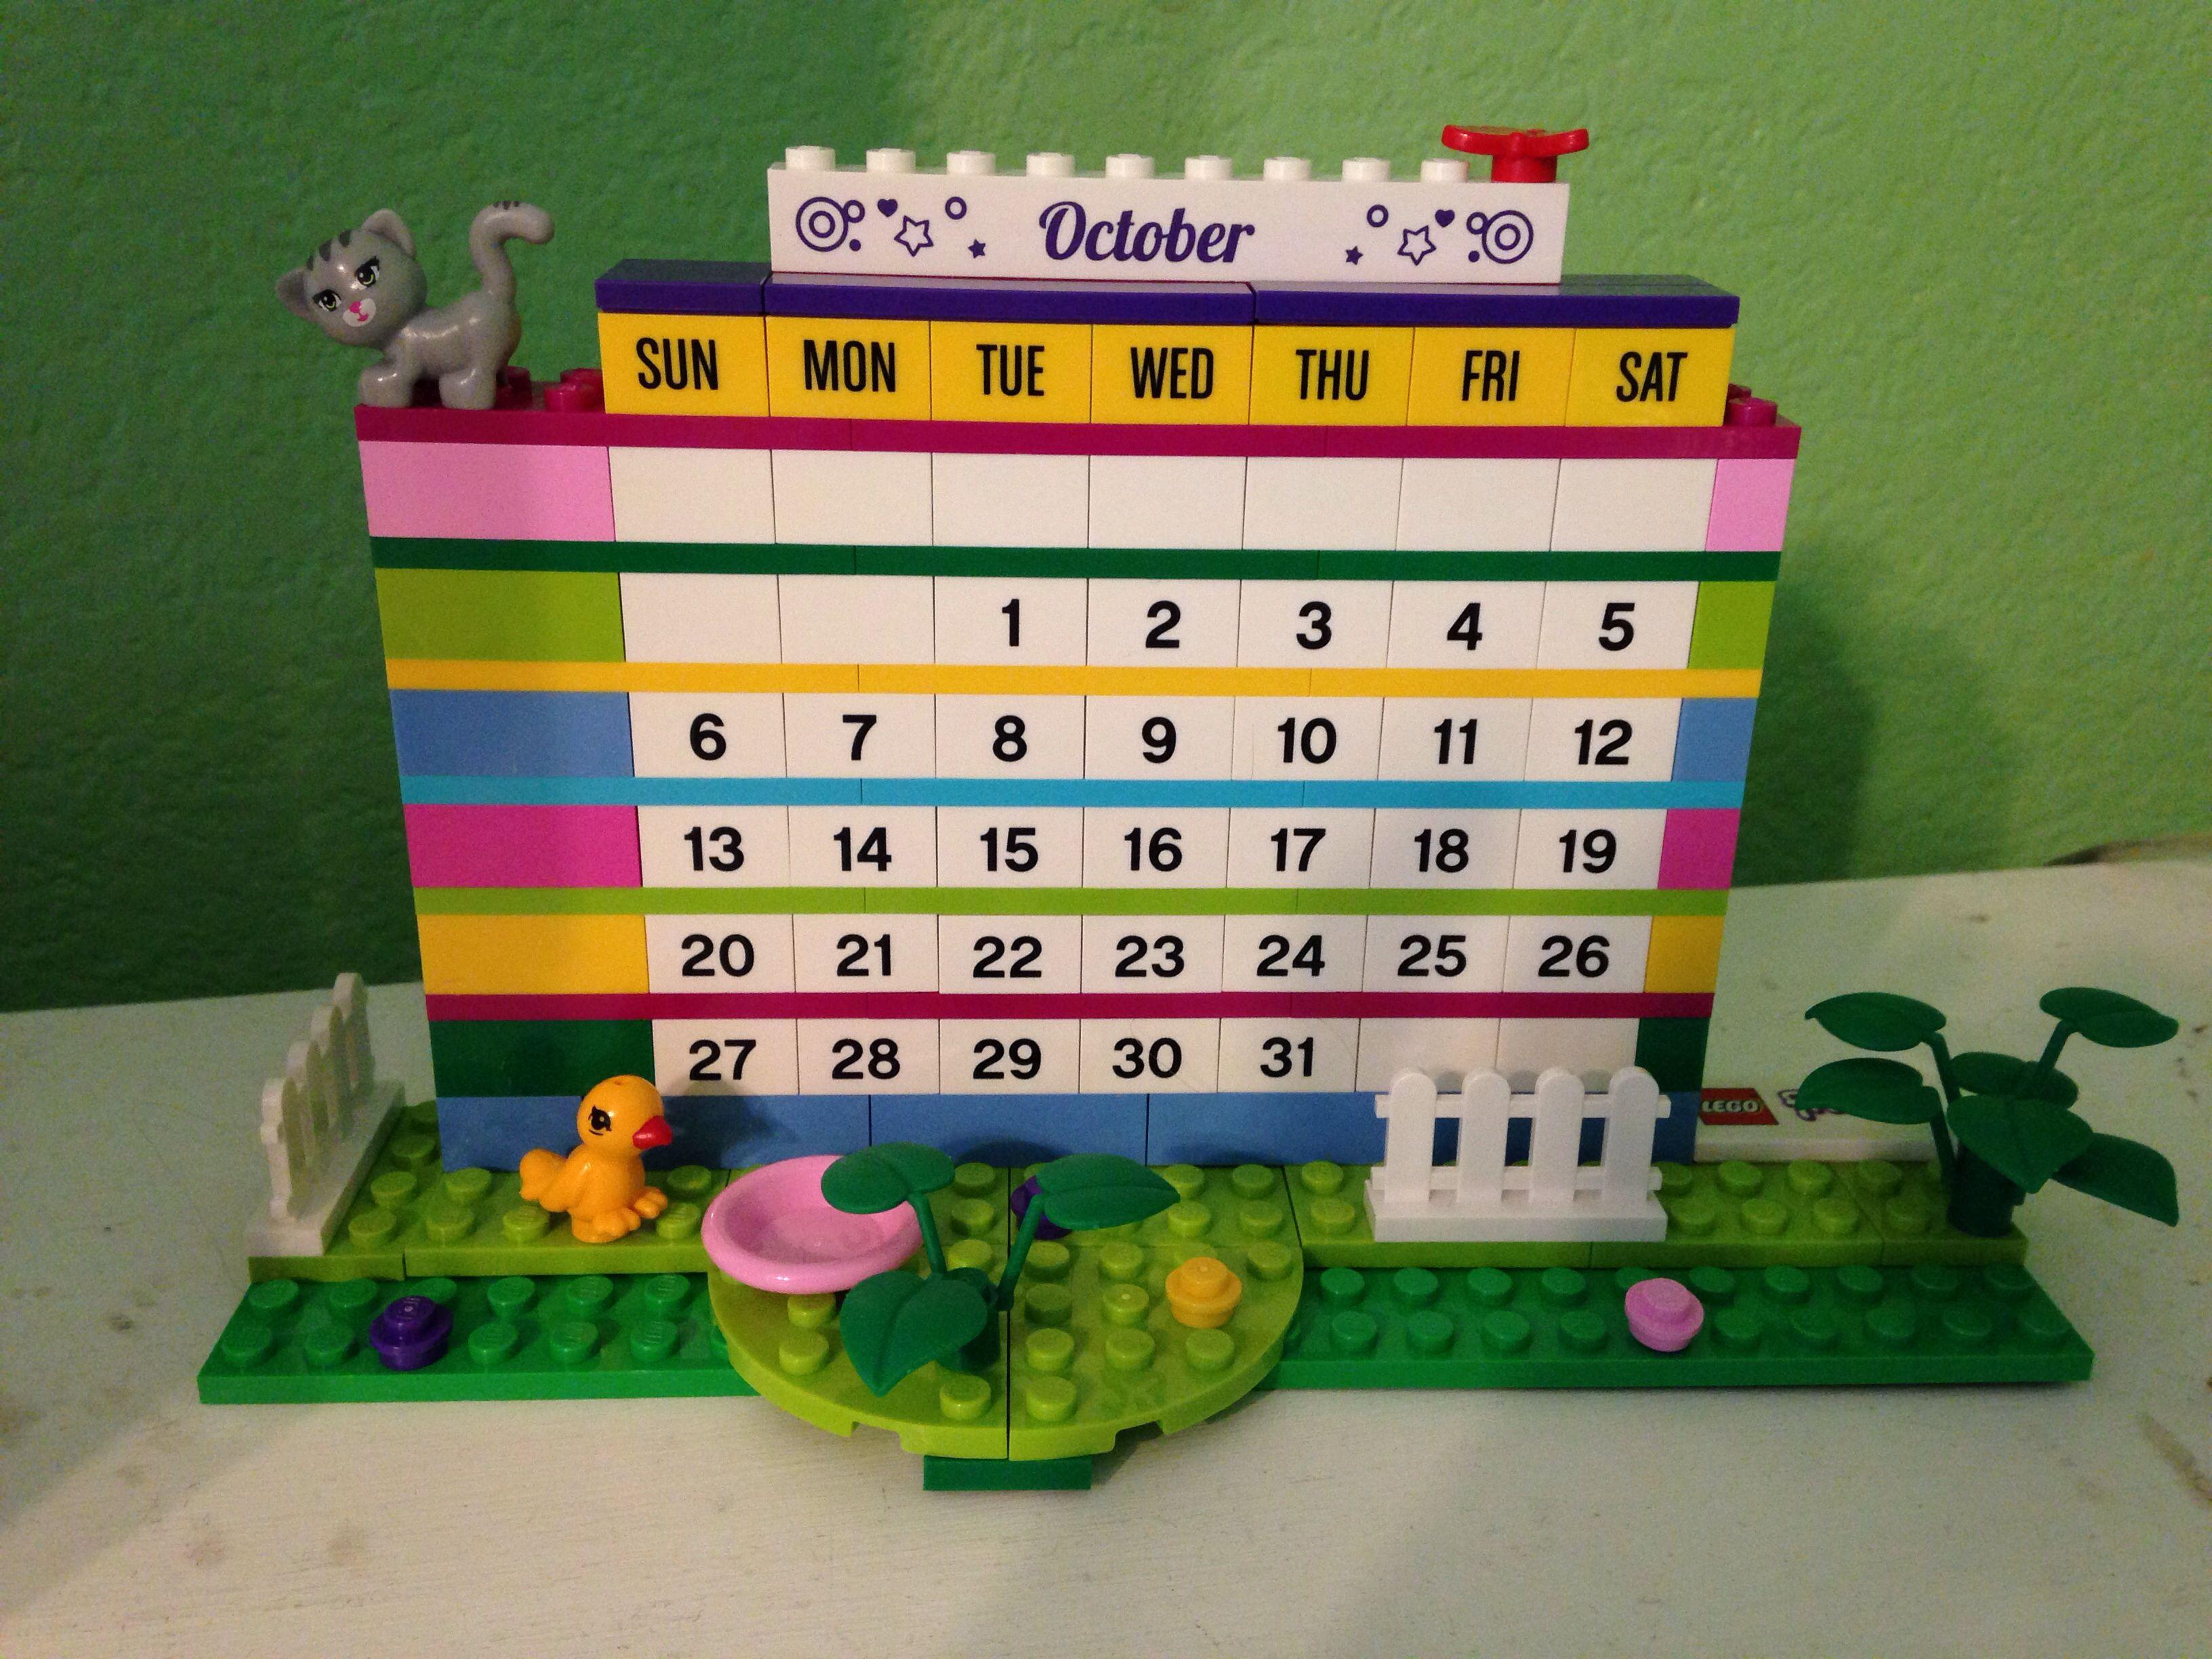 Lego Calendar Rebuild Every Month Www Lego Com Lego Calendar